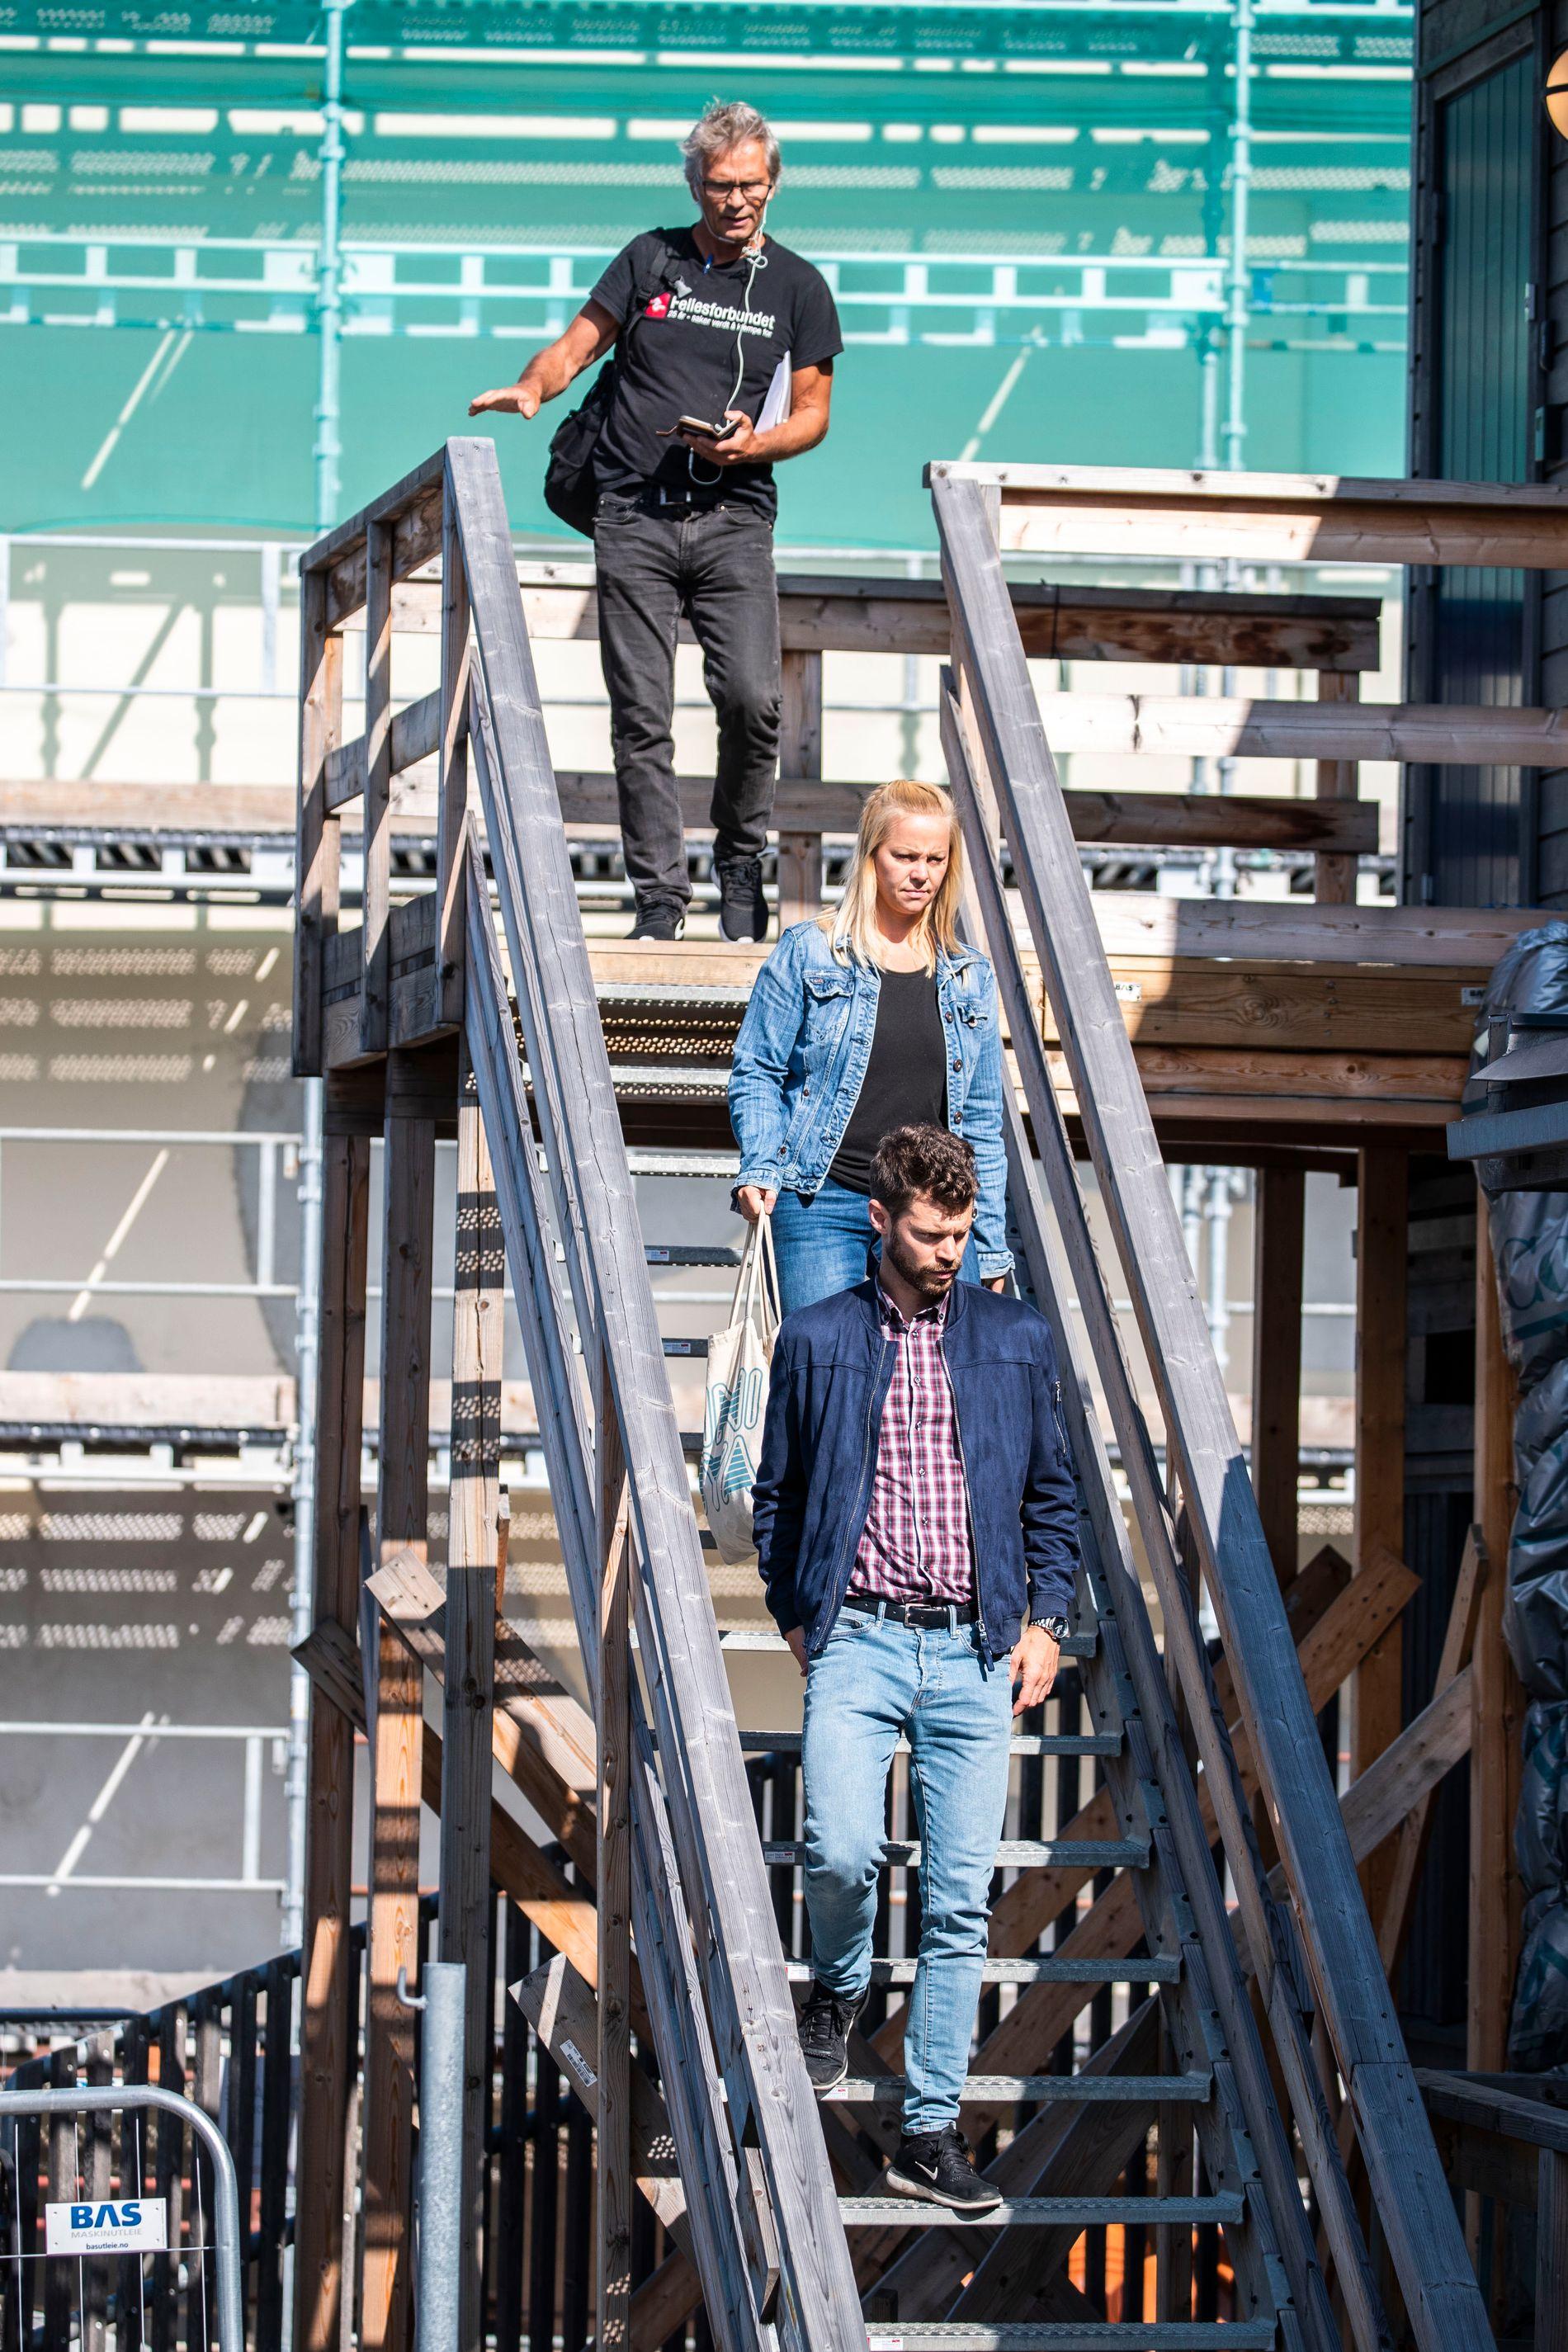 PÅ JAKT: Bjørnar Moxnes (foran), førstekandidat for Rødt til bystyret i Oslo, Eivor Evenrud, og Boye Ullmann er på jakt etter ulovligheter.